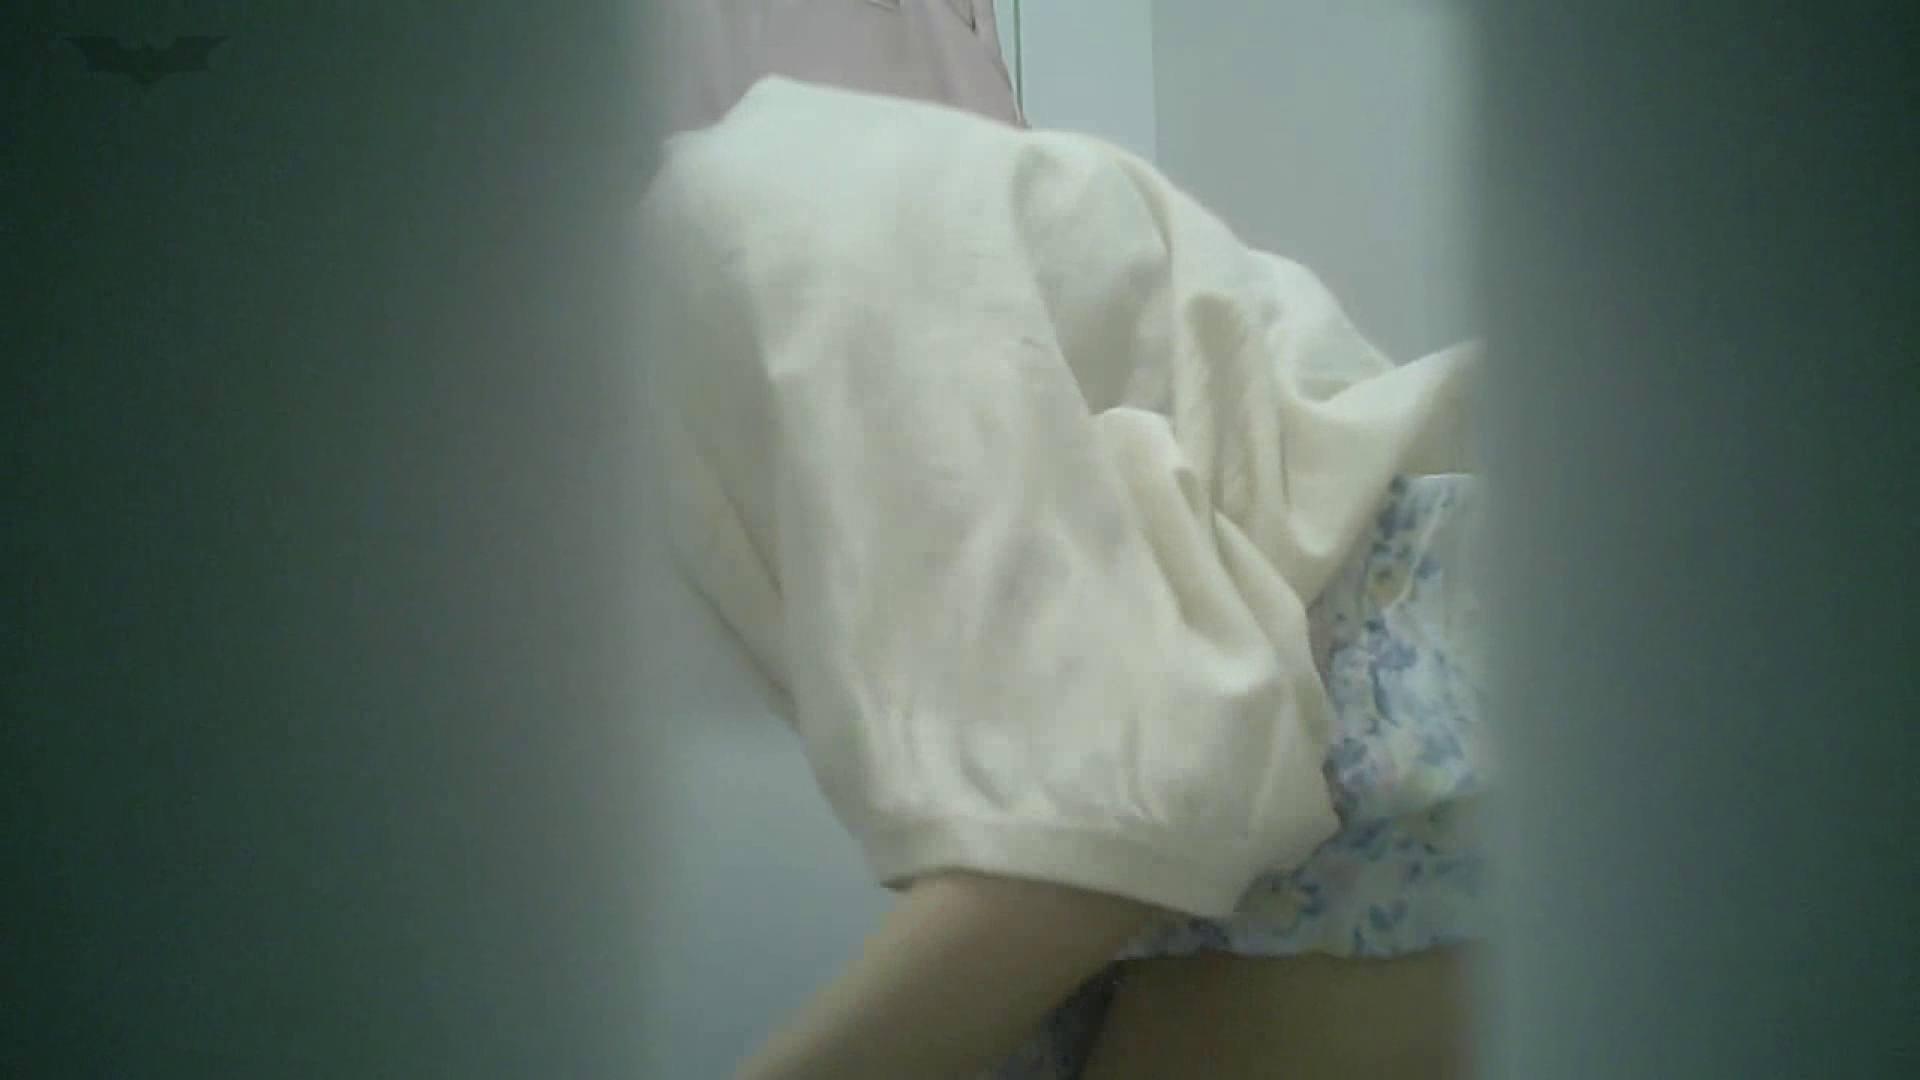 有名大学女性洗面所 vol.40 ??おまじない的な動きをする子がいます。 洗面所 オメコ動画キャプチャ 51画像 31